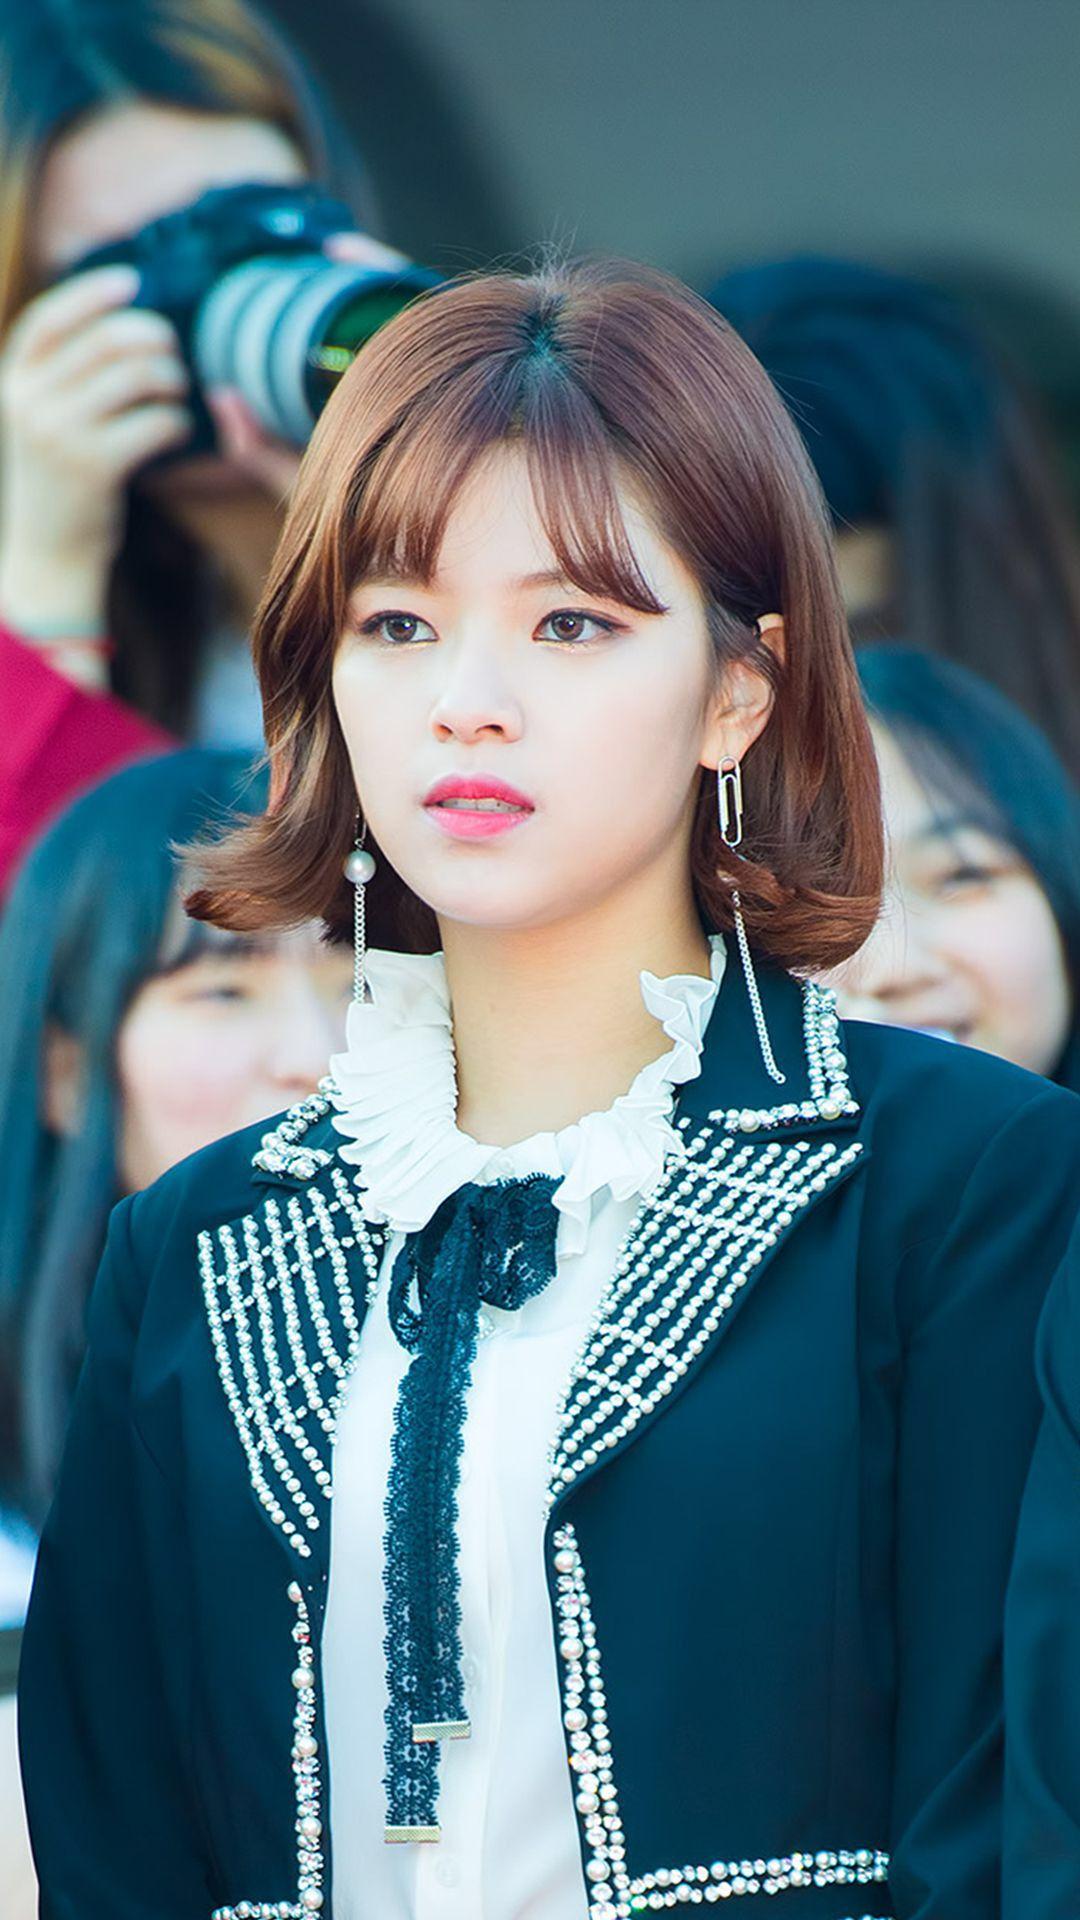 Jeongyeon Twice Kpop Gg In 2018 Pinterest Kpop